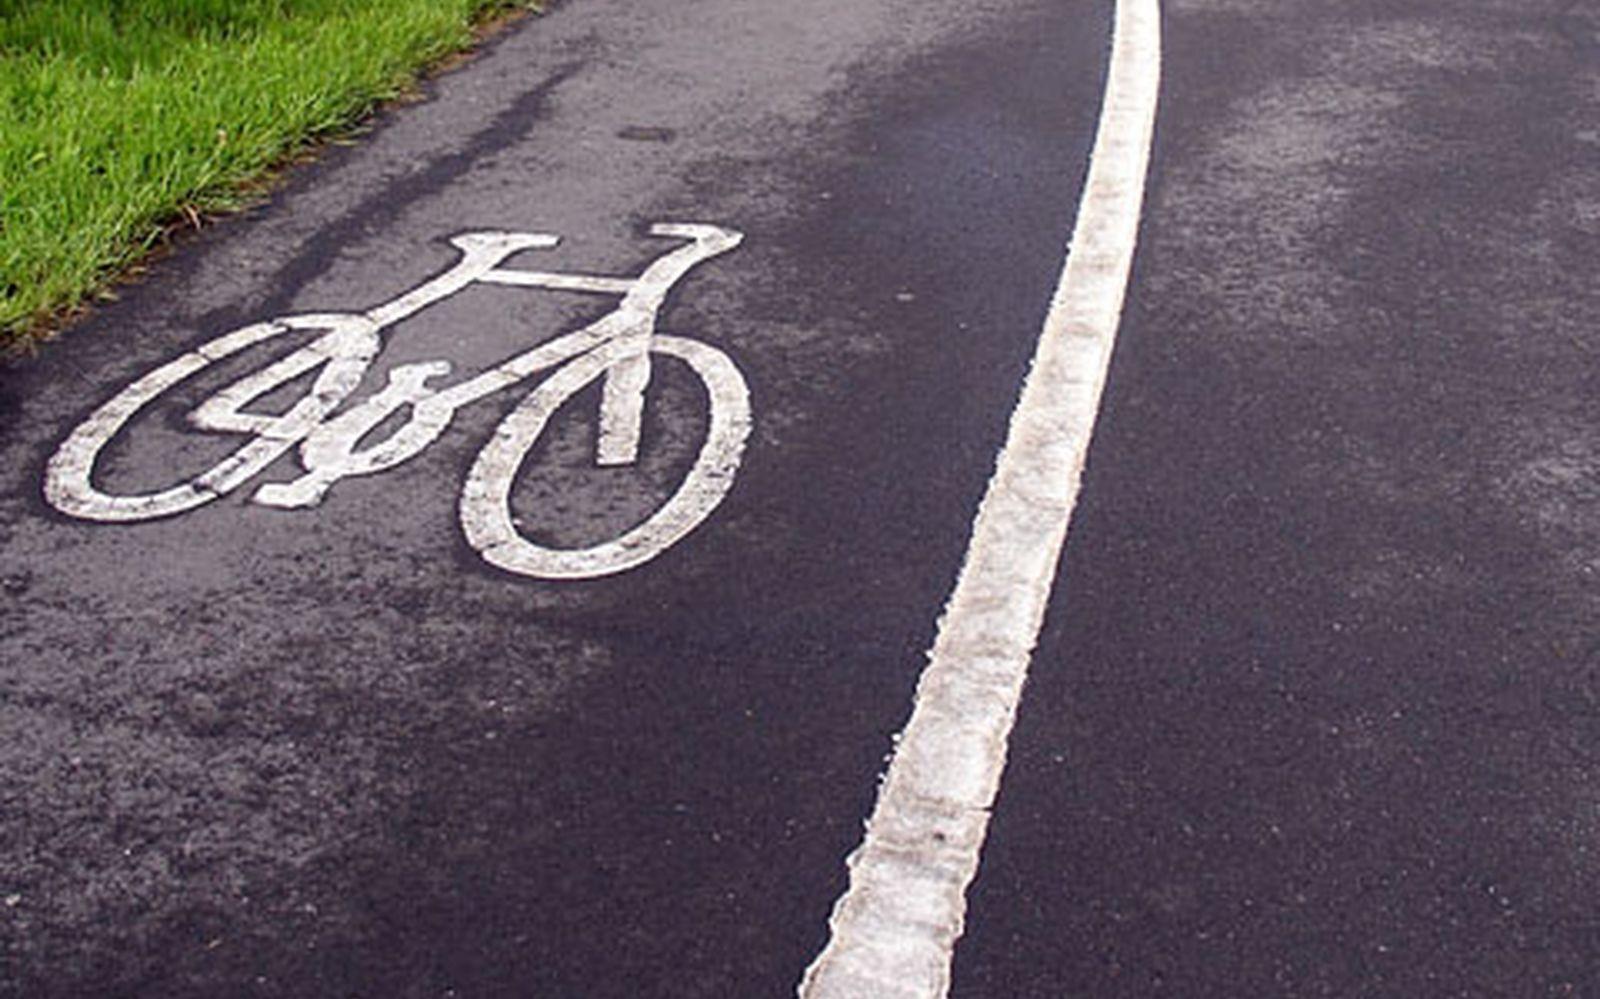 Erste Schutzstreifen für Radfahrer sorgen für Streit